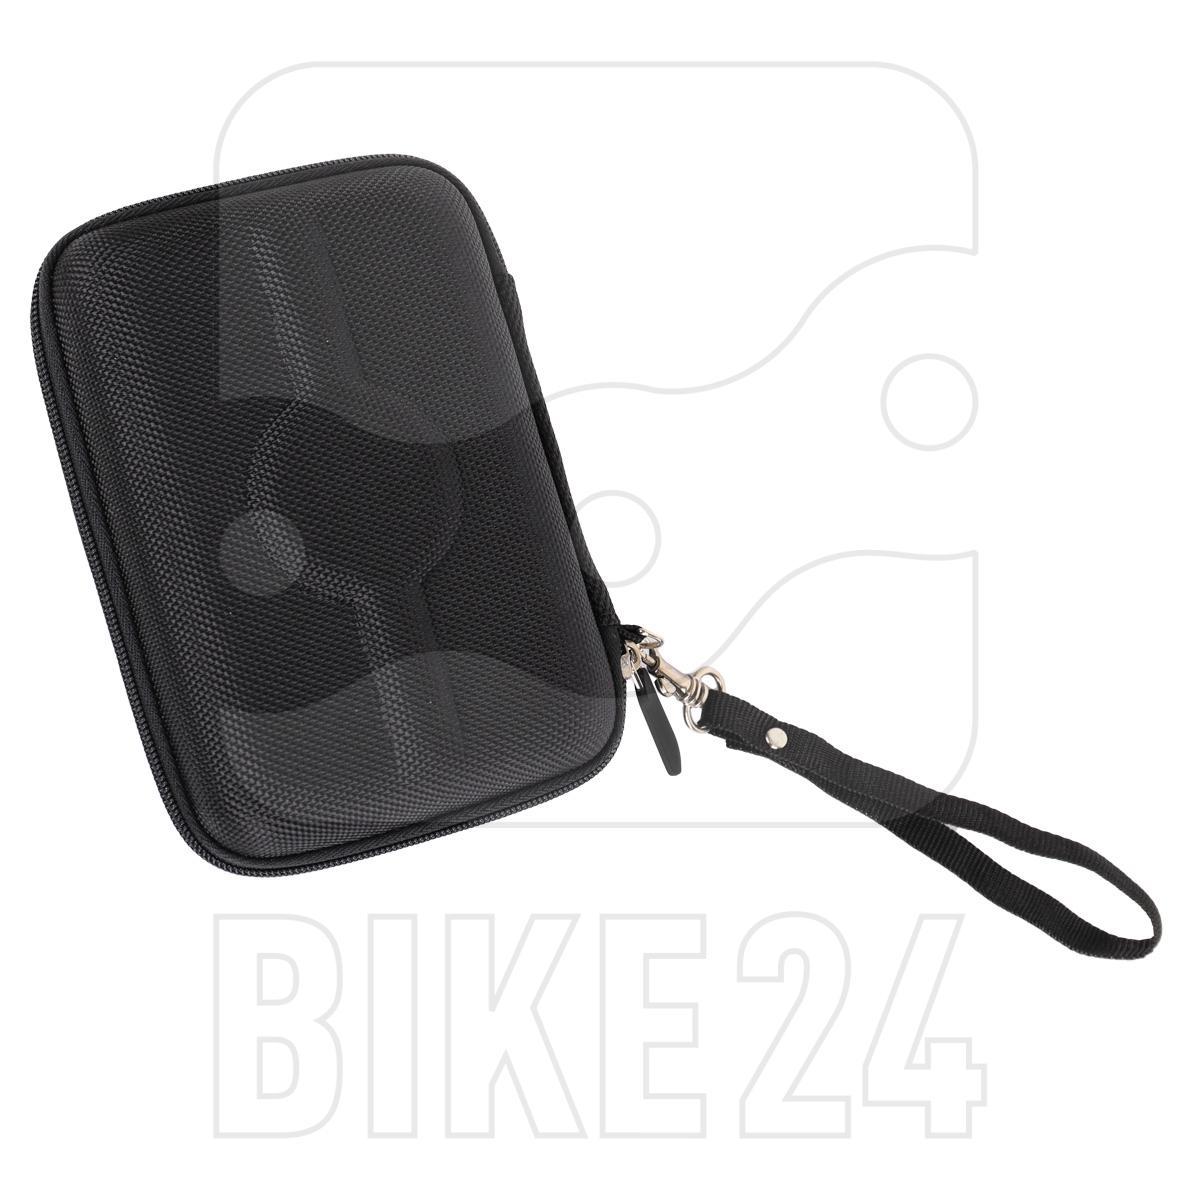 Mio Cyclo Limited Edition Case